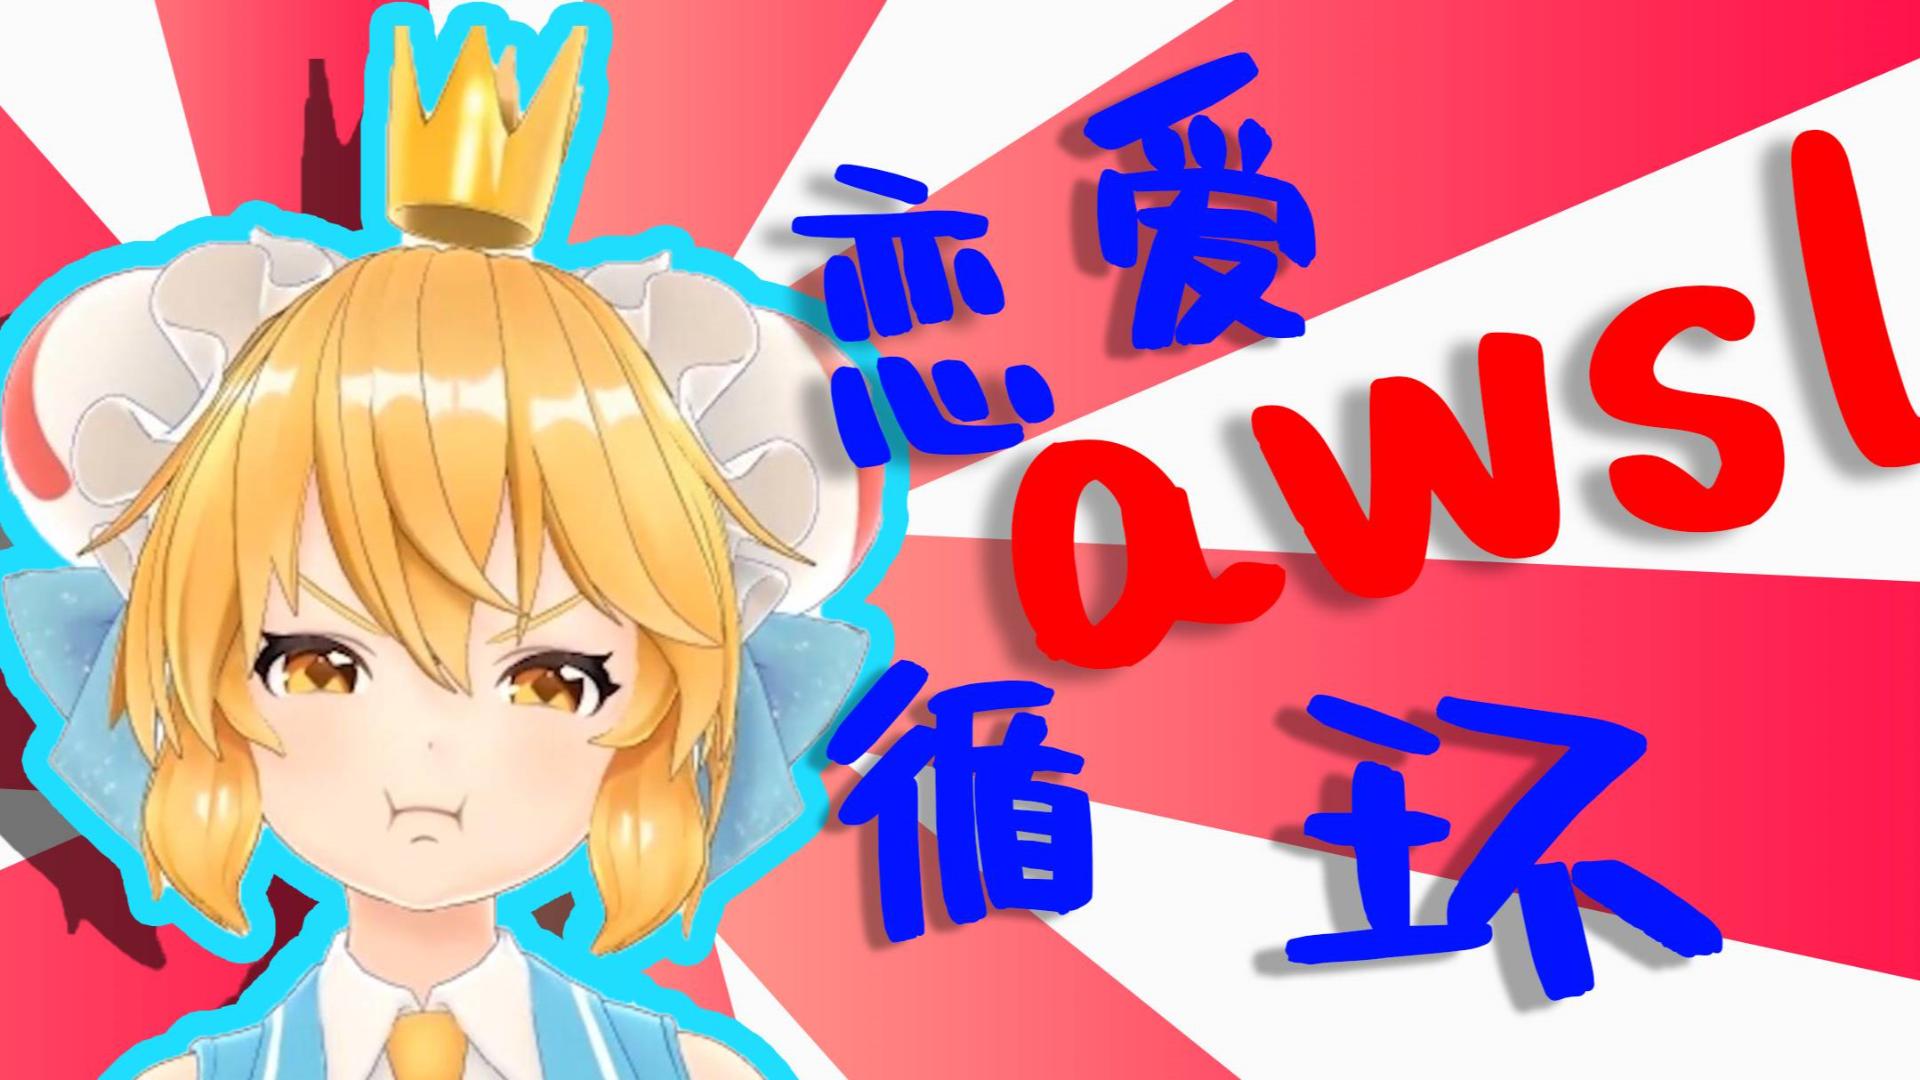 【ac娘】恋爱循环